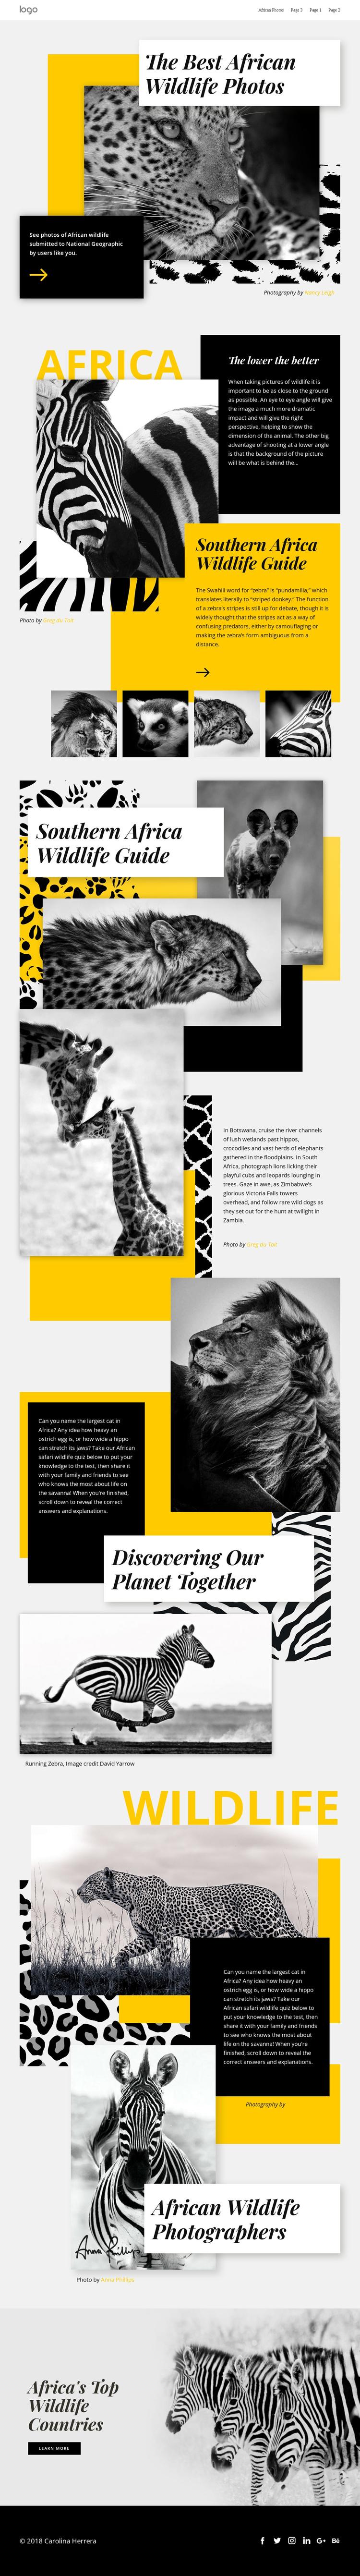 Best African Photos Joomla Template